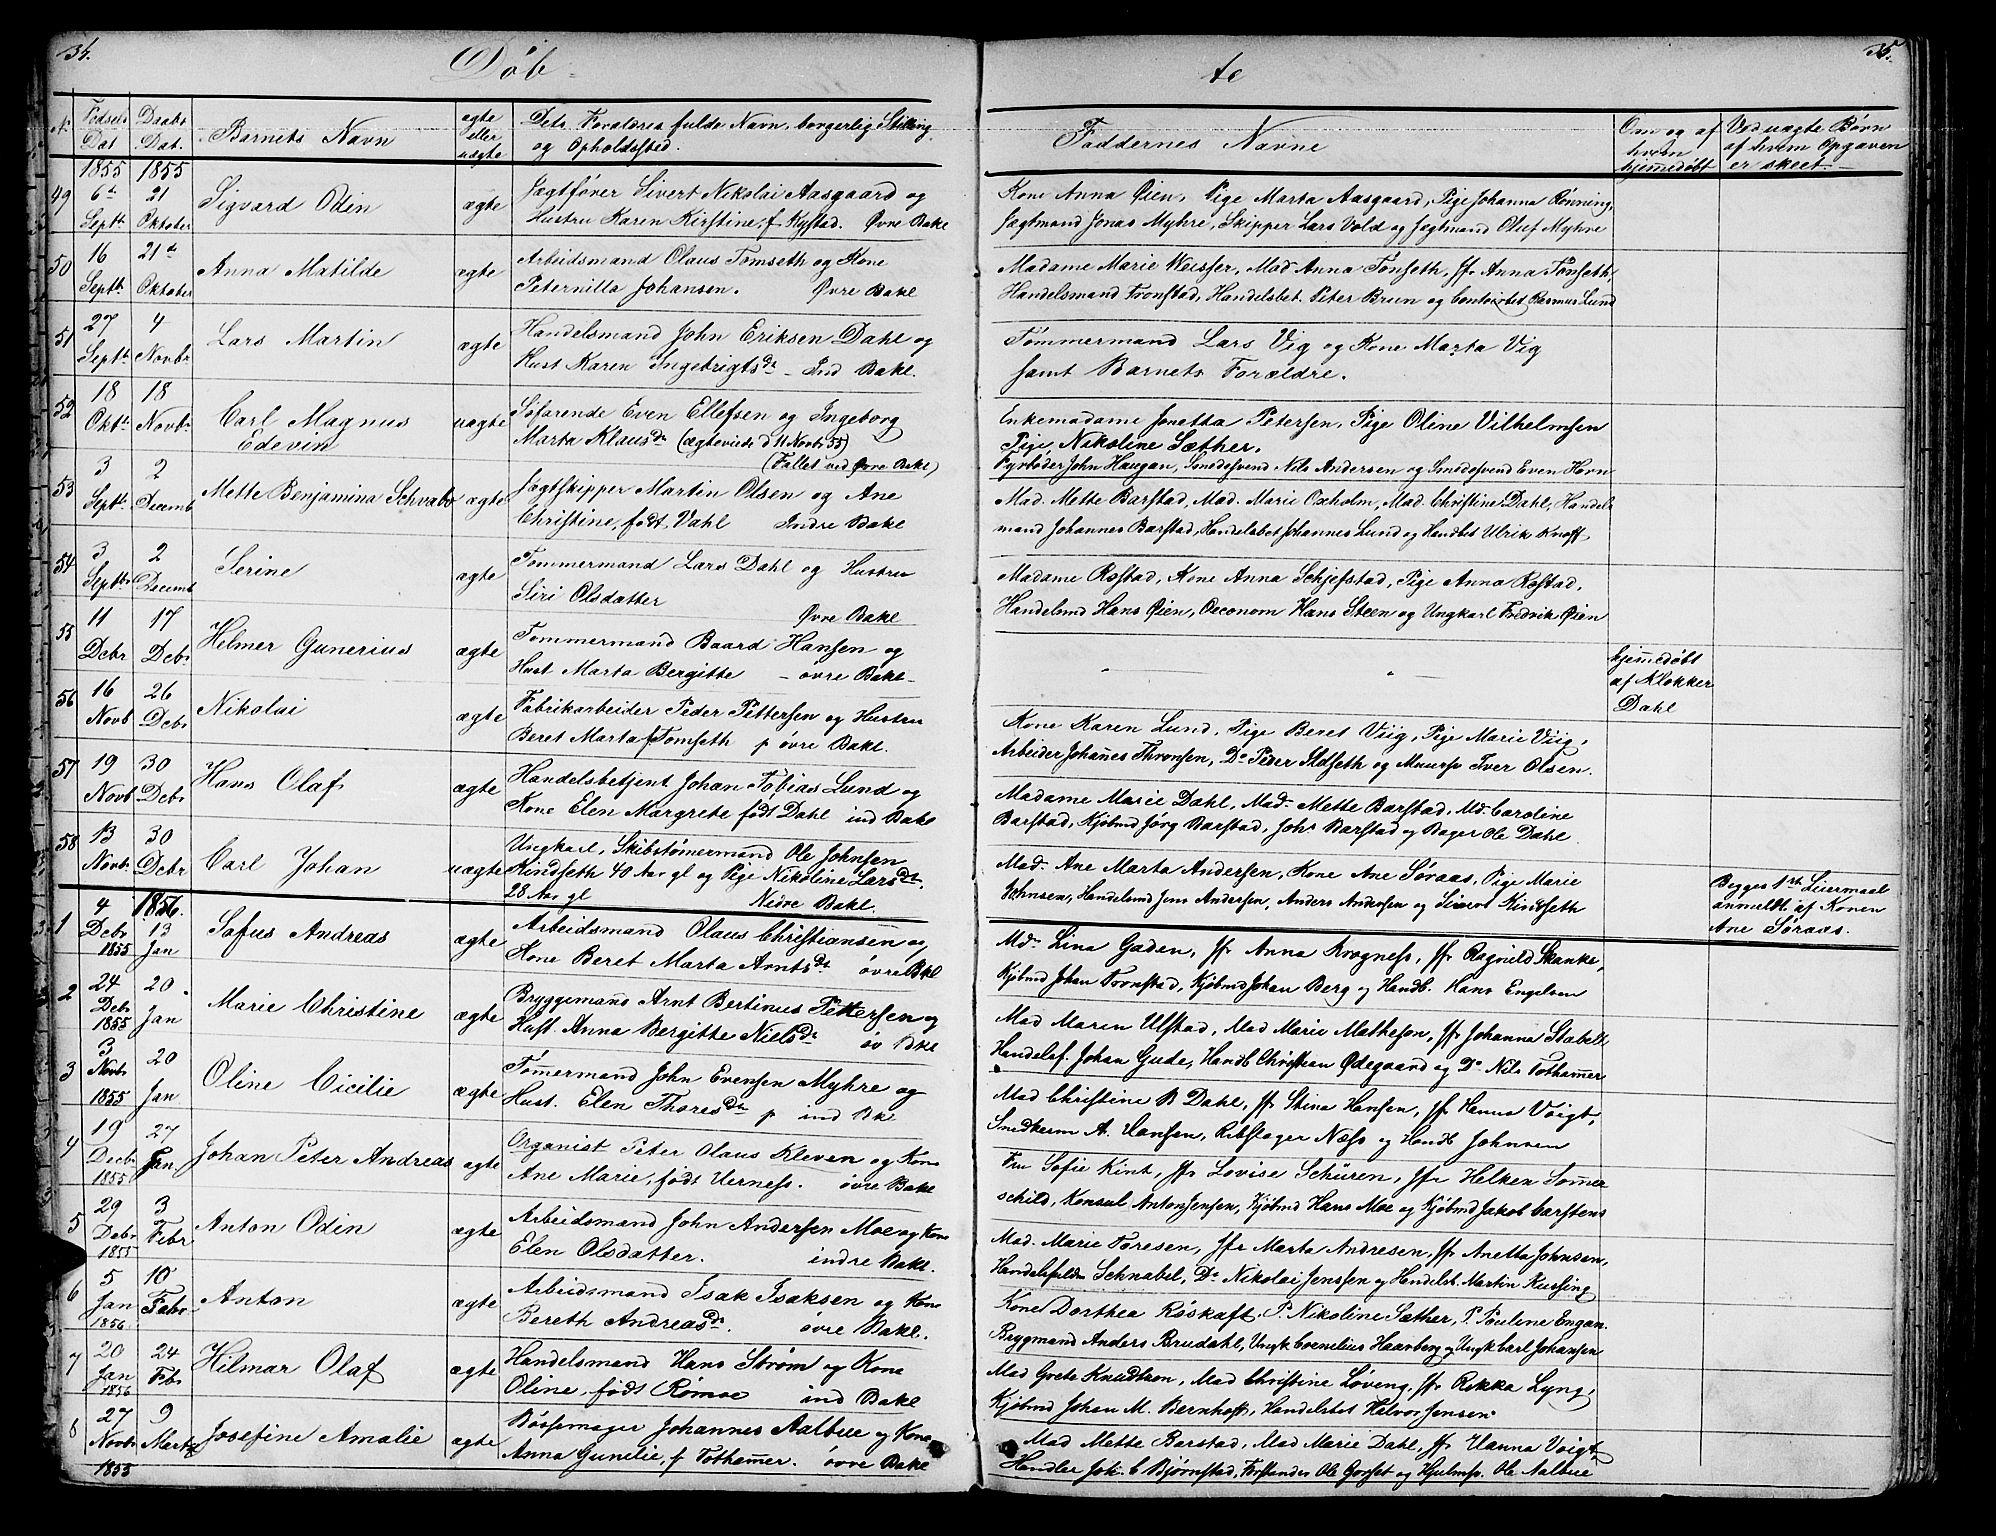 SAT, Ministerialprotokoller, klokkerbøker og fødselsregistre - Sør-Trøndelag, 604/L0219: Klokkerbok nr. 604C02, 1851-1869, s. 34-35